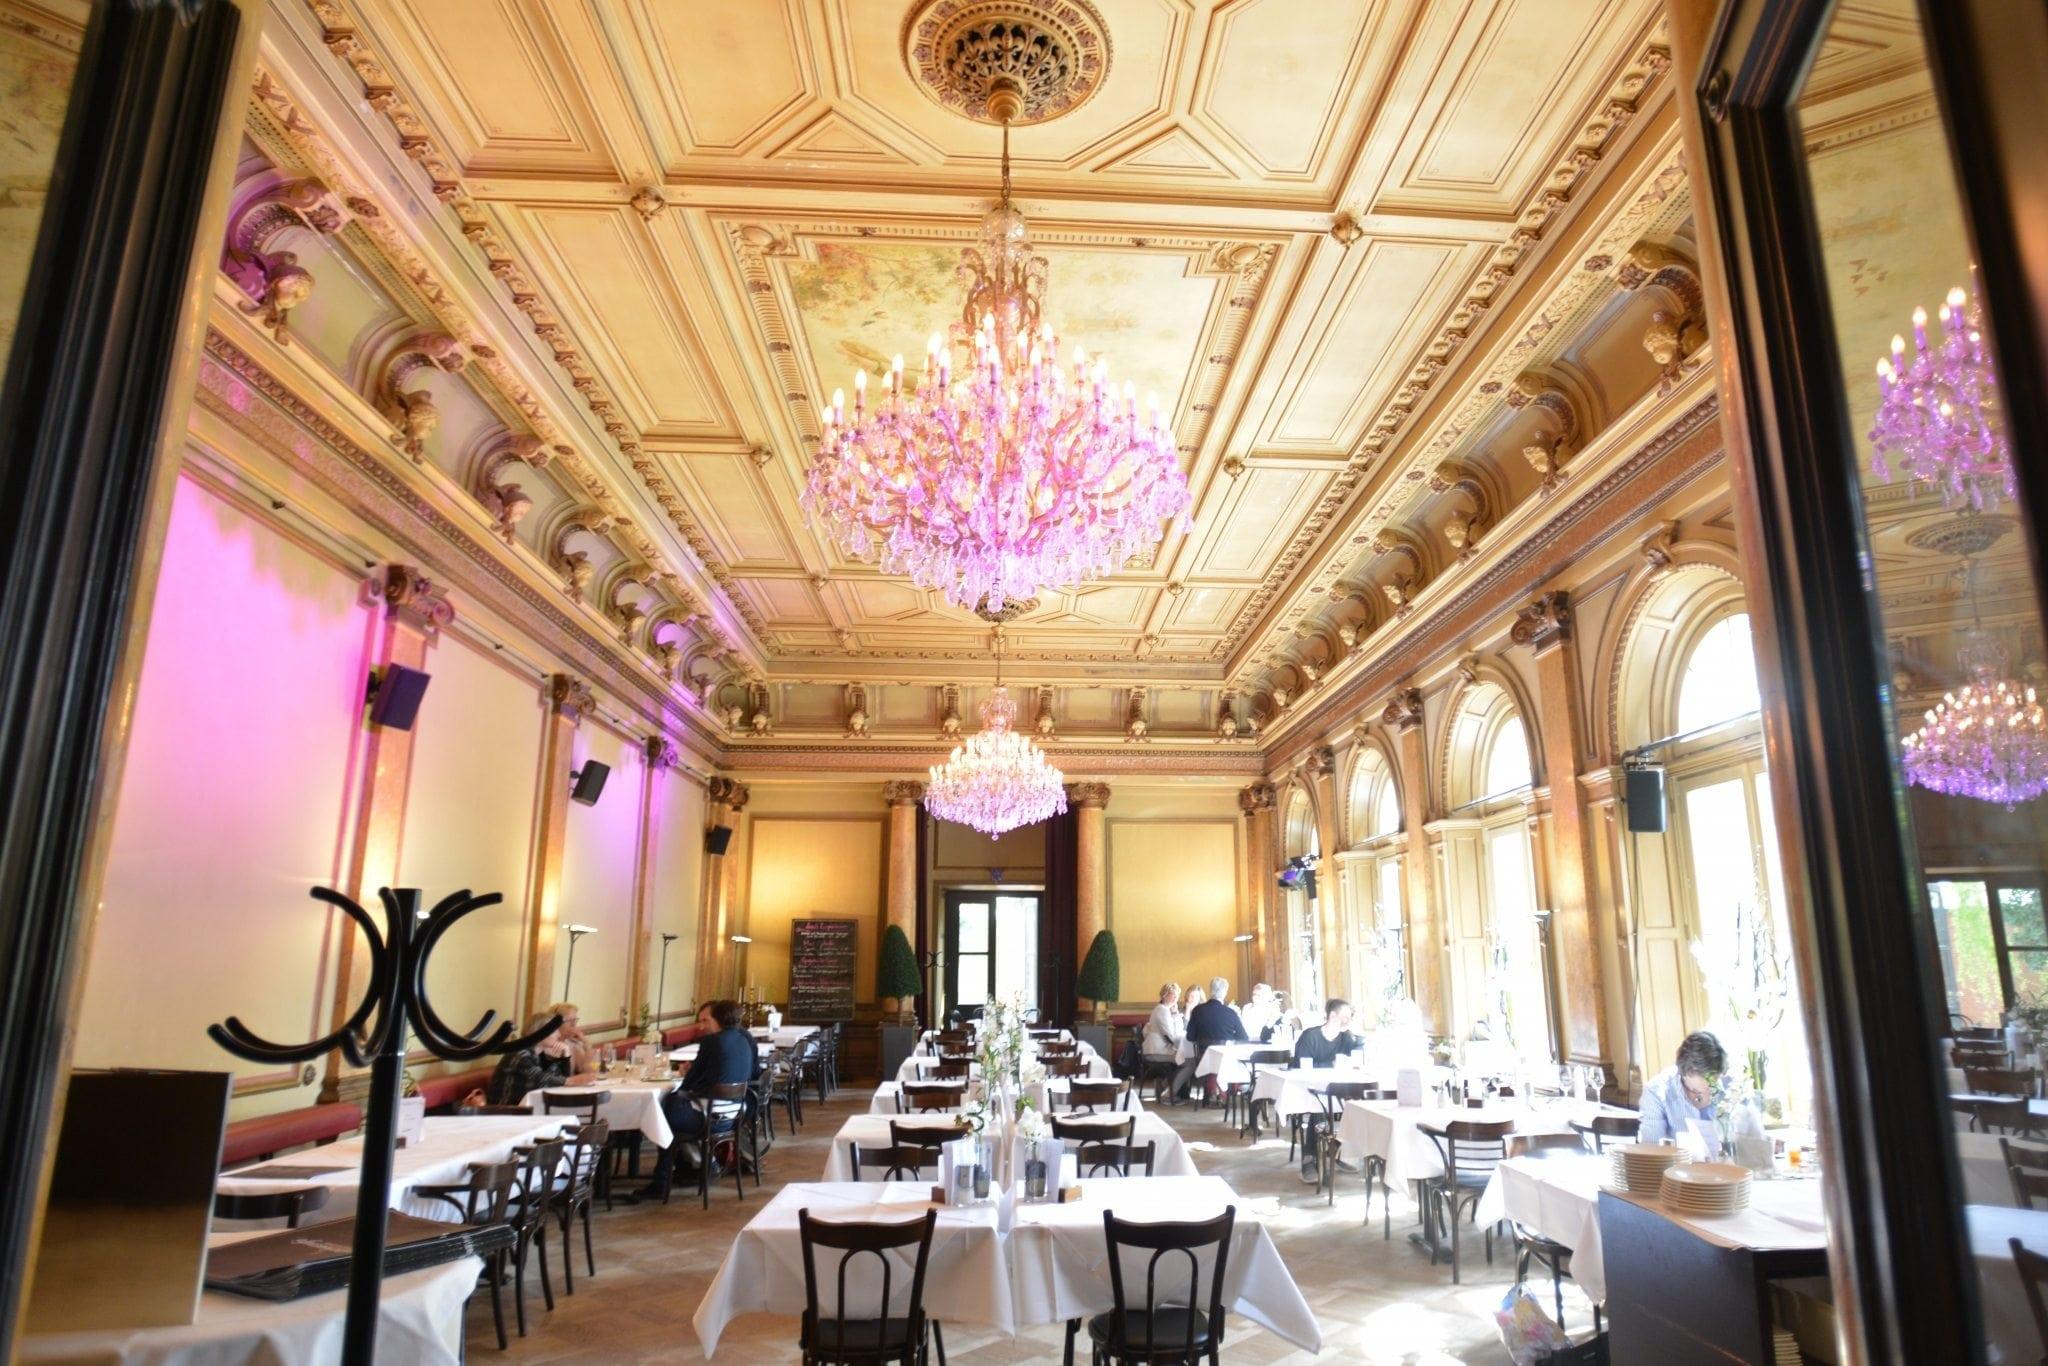 Großer Saal. Das Literaturhauscafe an der Alster ein schöner Ort für Veranstaltungen, Event, Sonntagsbrunch, Cafe, Lesungen